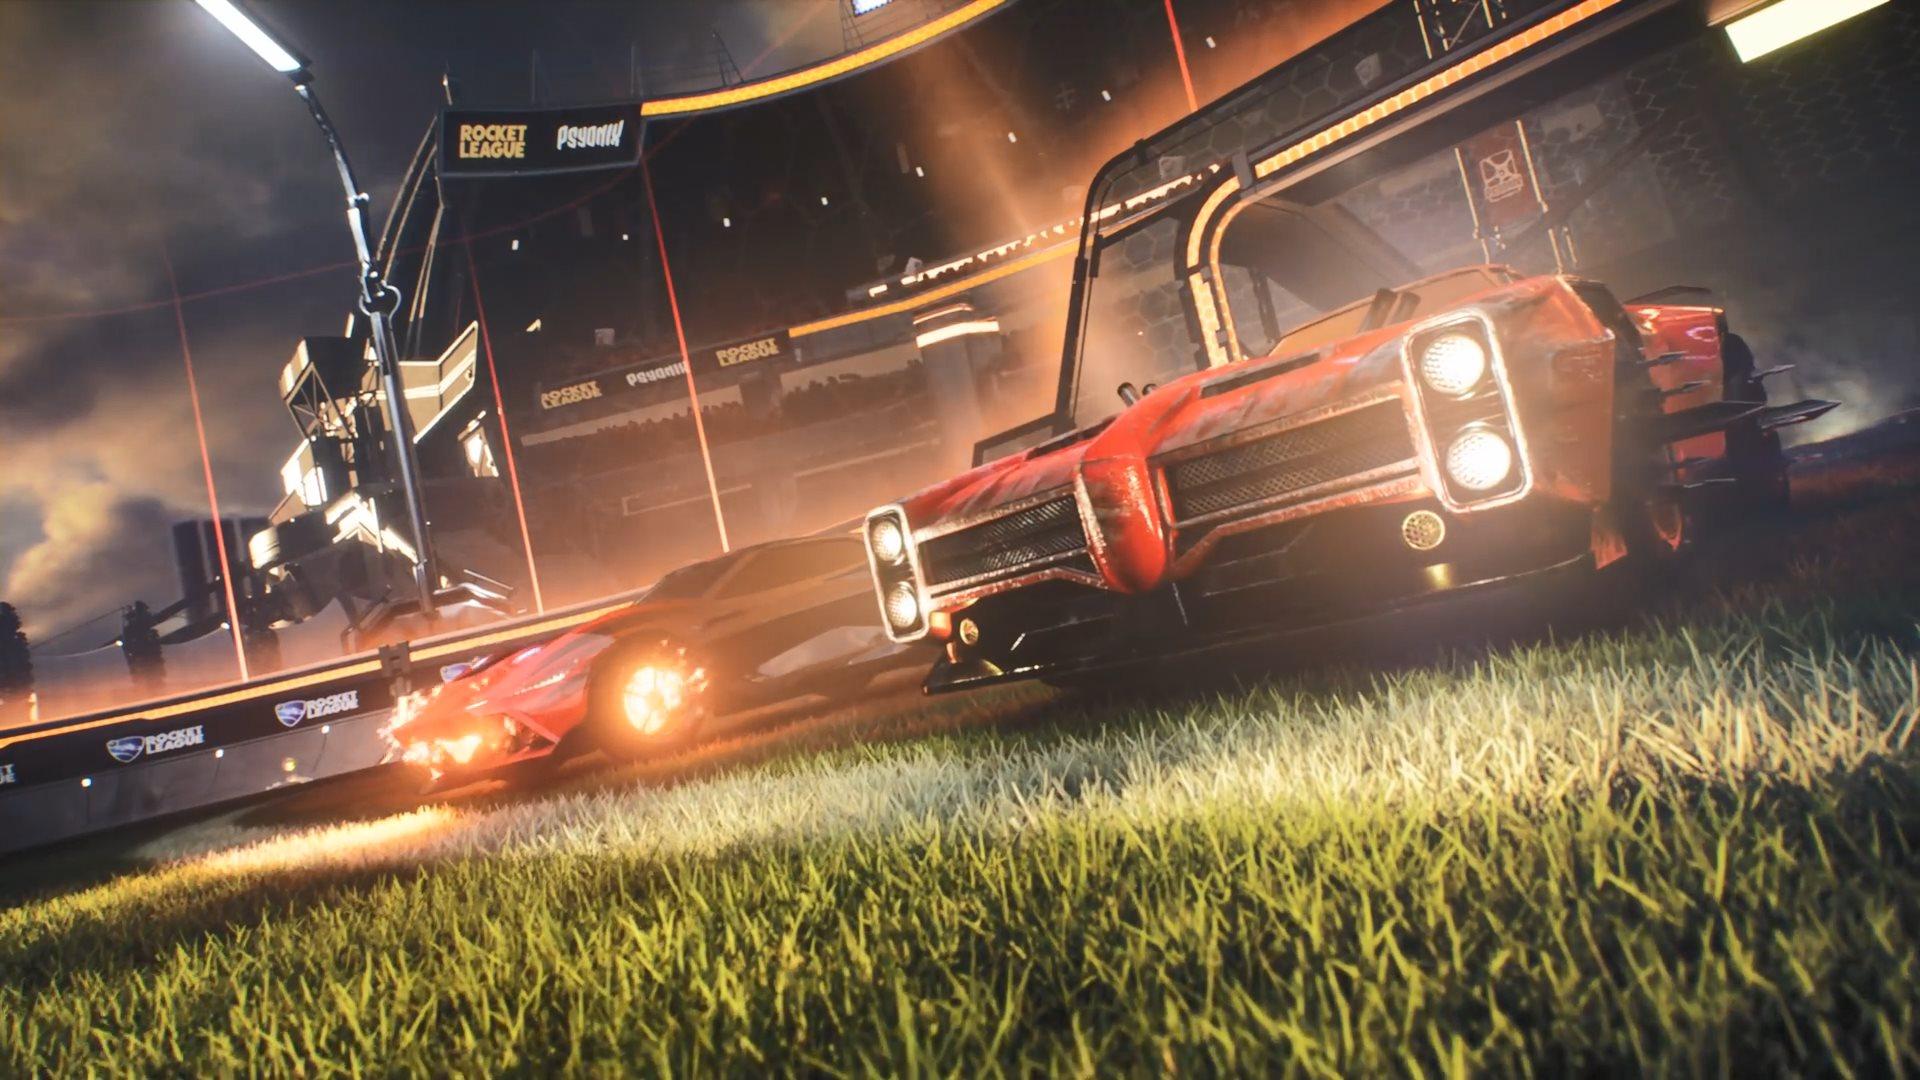 《火箭联盟》9月23日转为免费游戏 Epic入库可得10美元优惠券